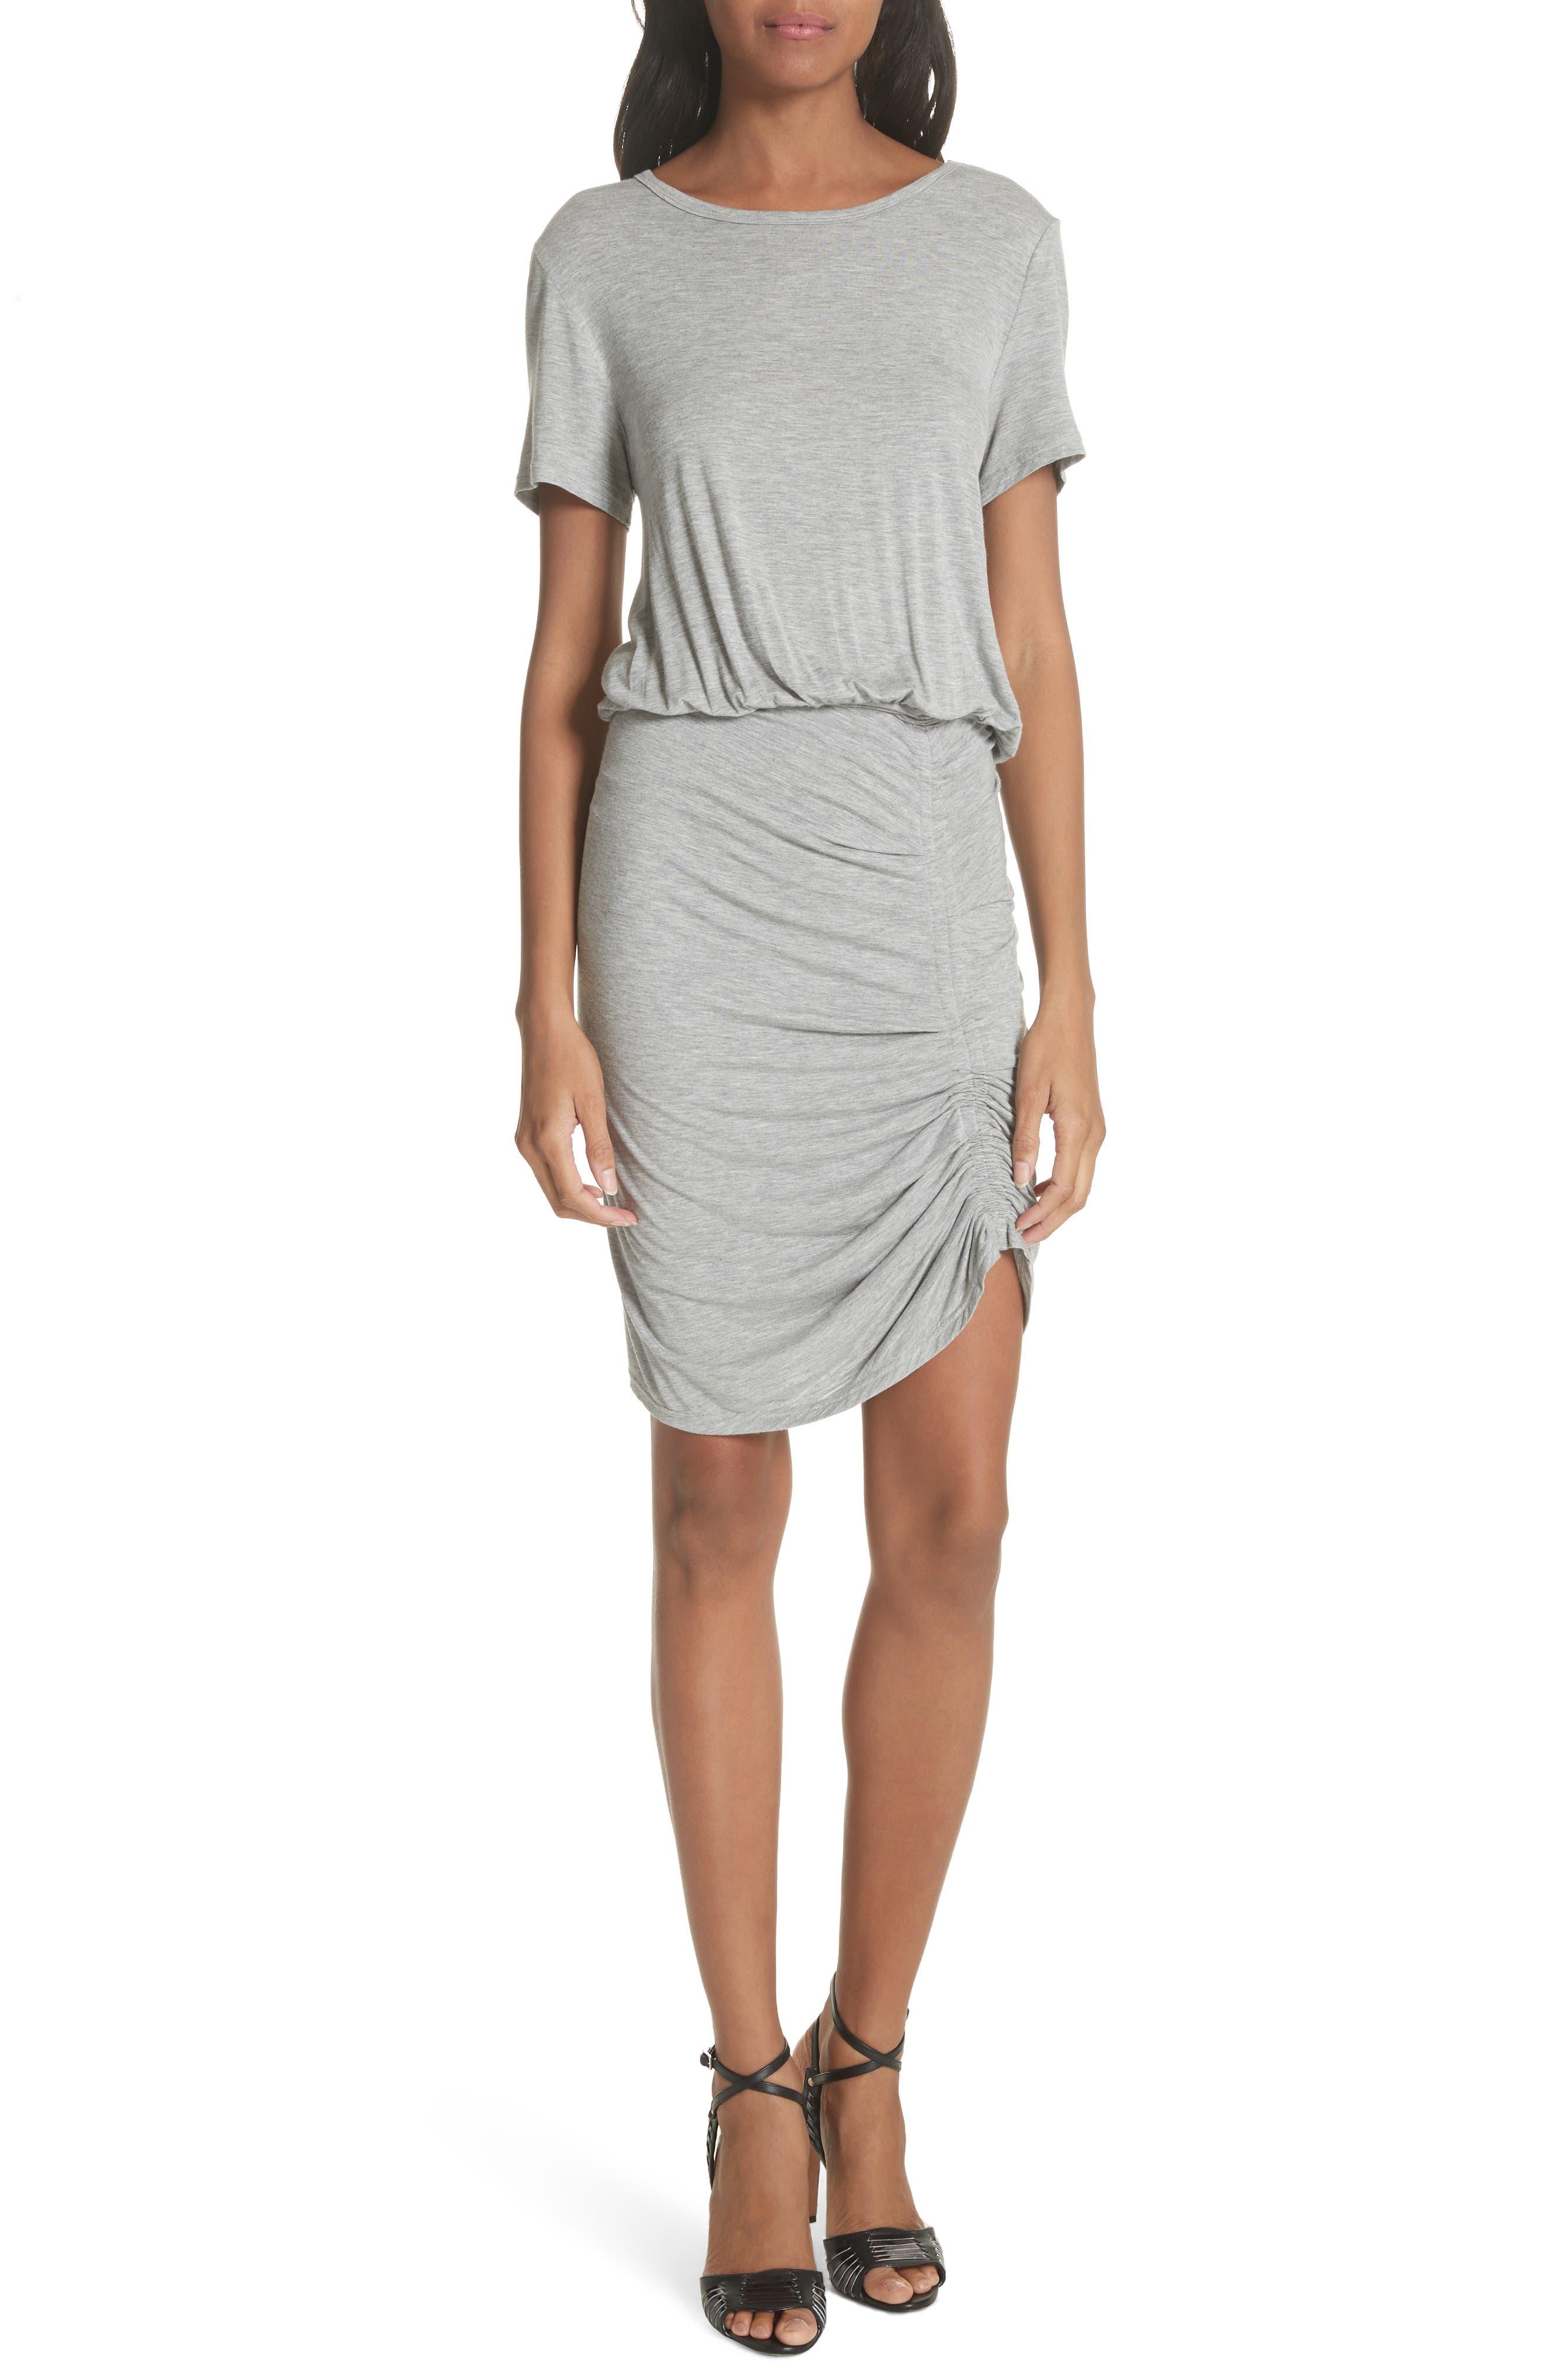 Yari Blouson Dress,                             Main thumbnail 1, color,                             Grey